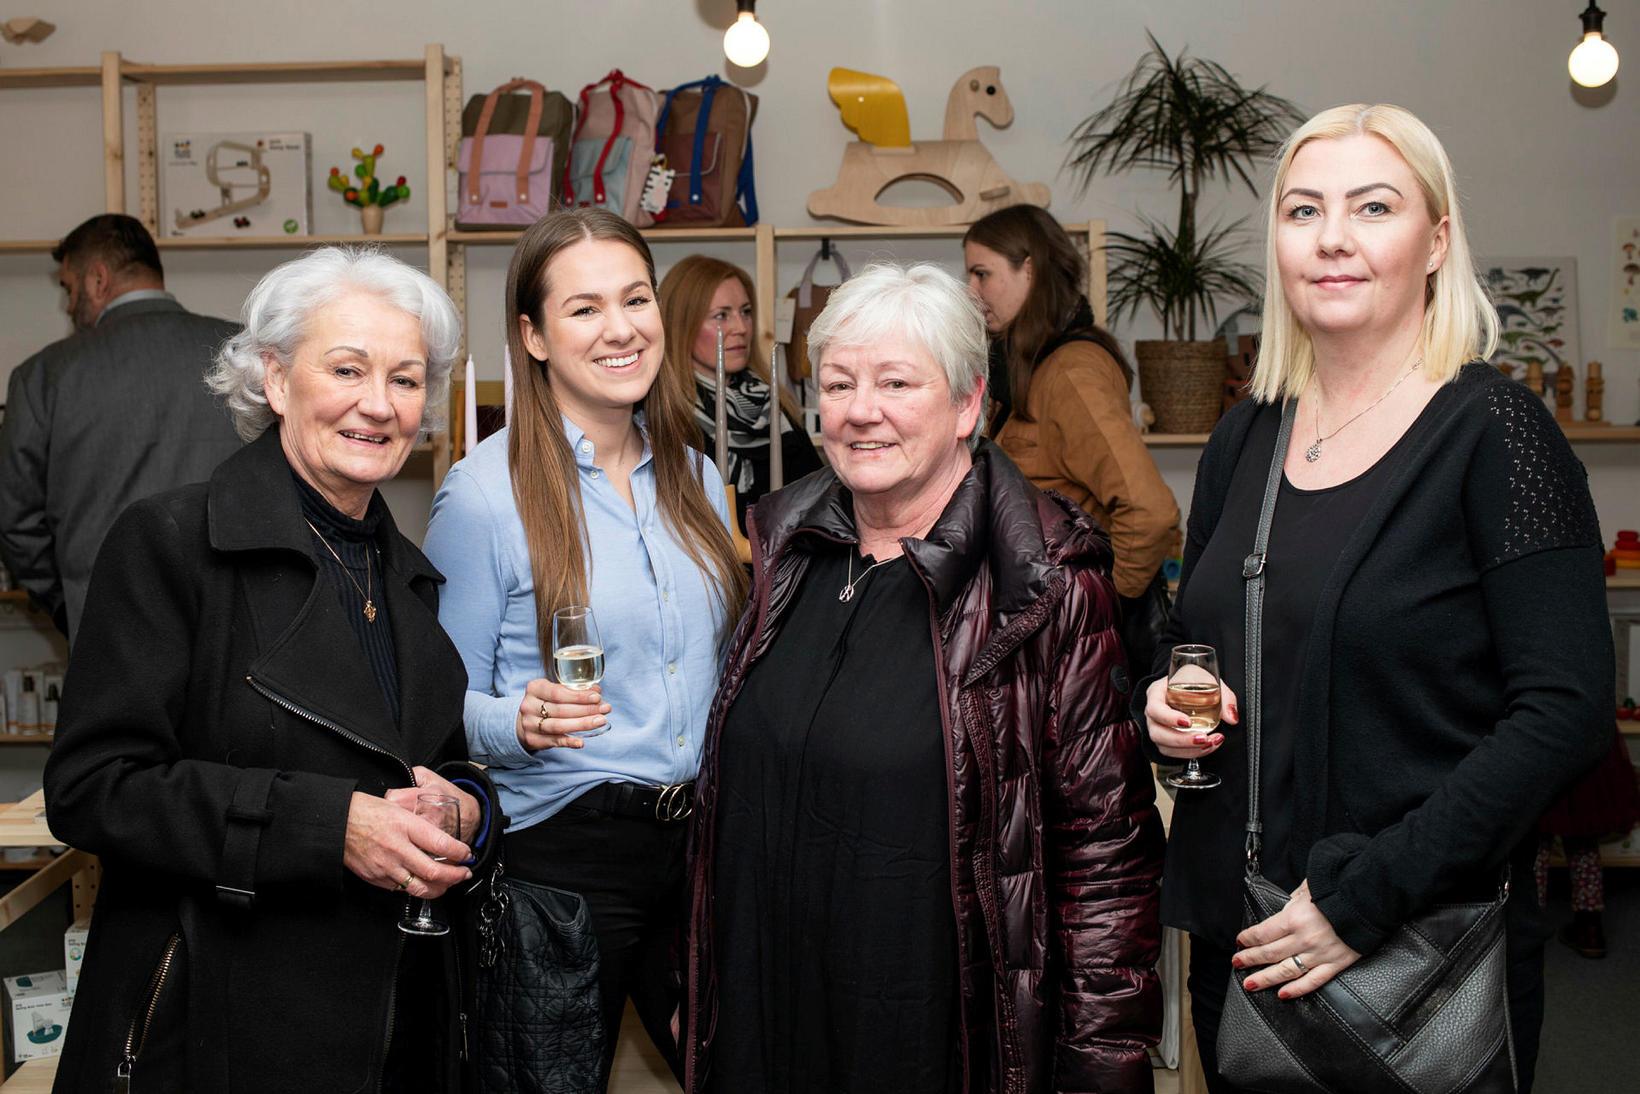 Heba Sigurgeirsdóttir, Lára Aradóttir, Ólína Sigurgeirsdóttir og Anna Magnúsdóttir.